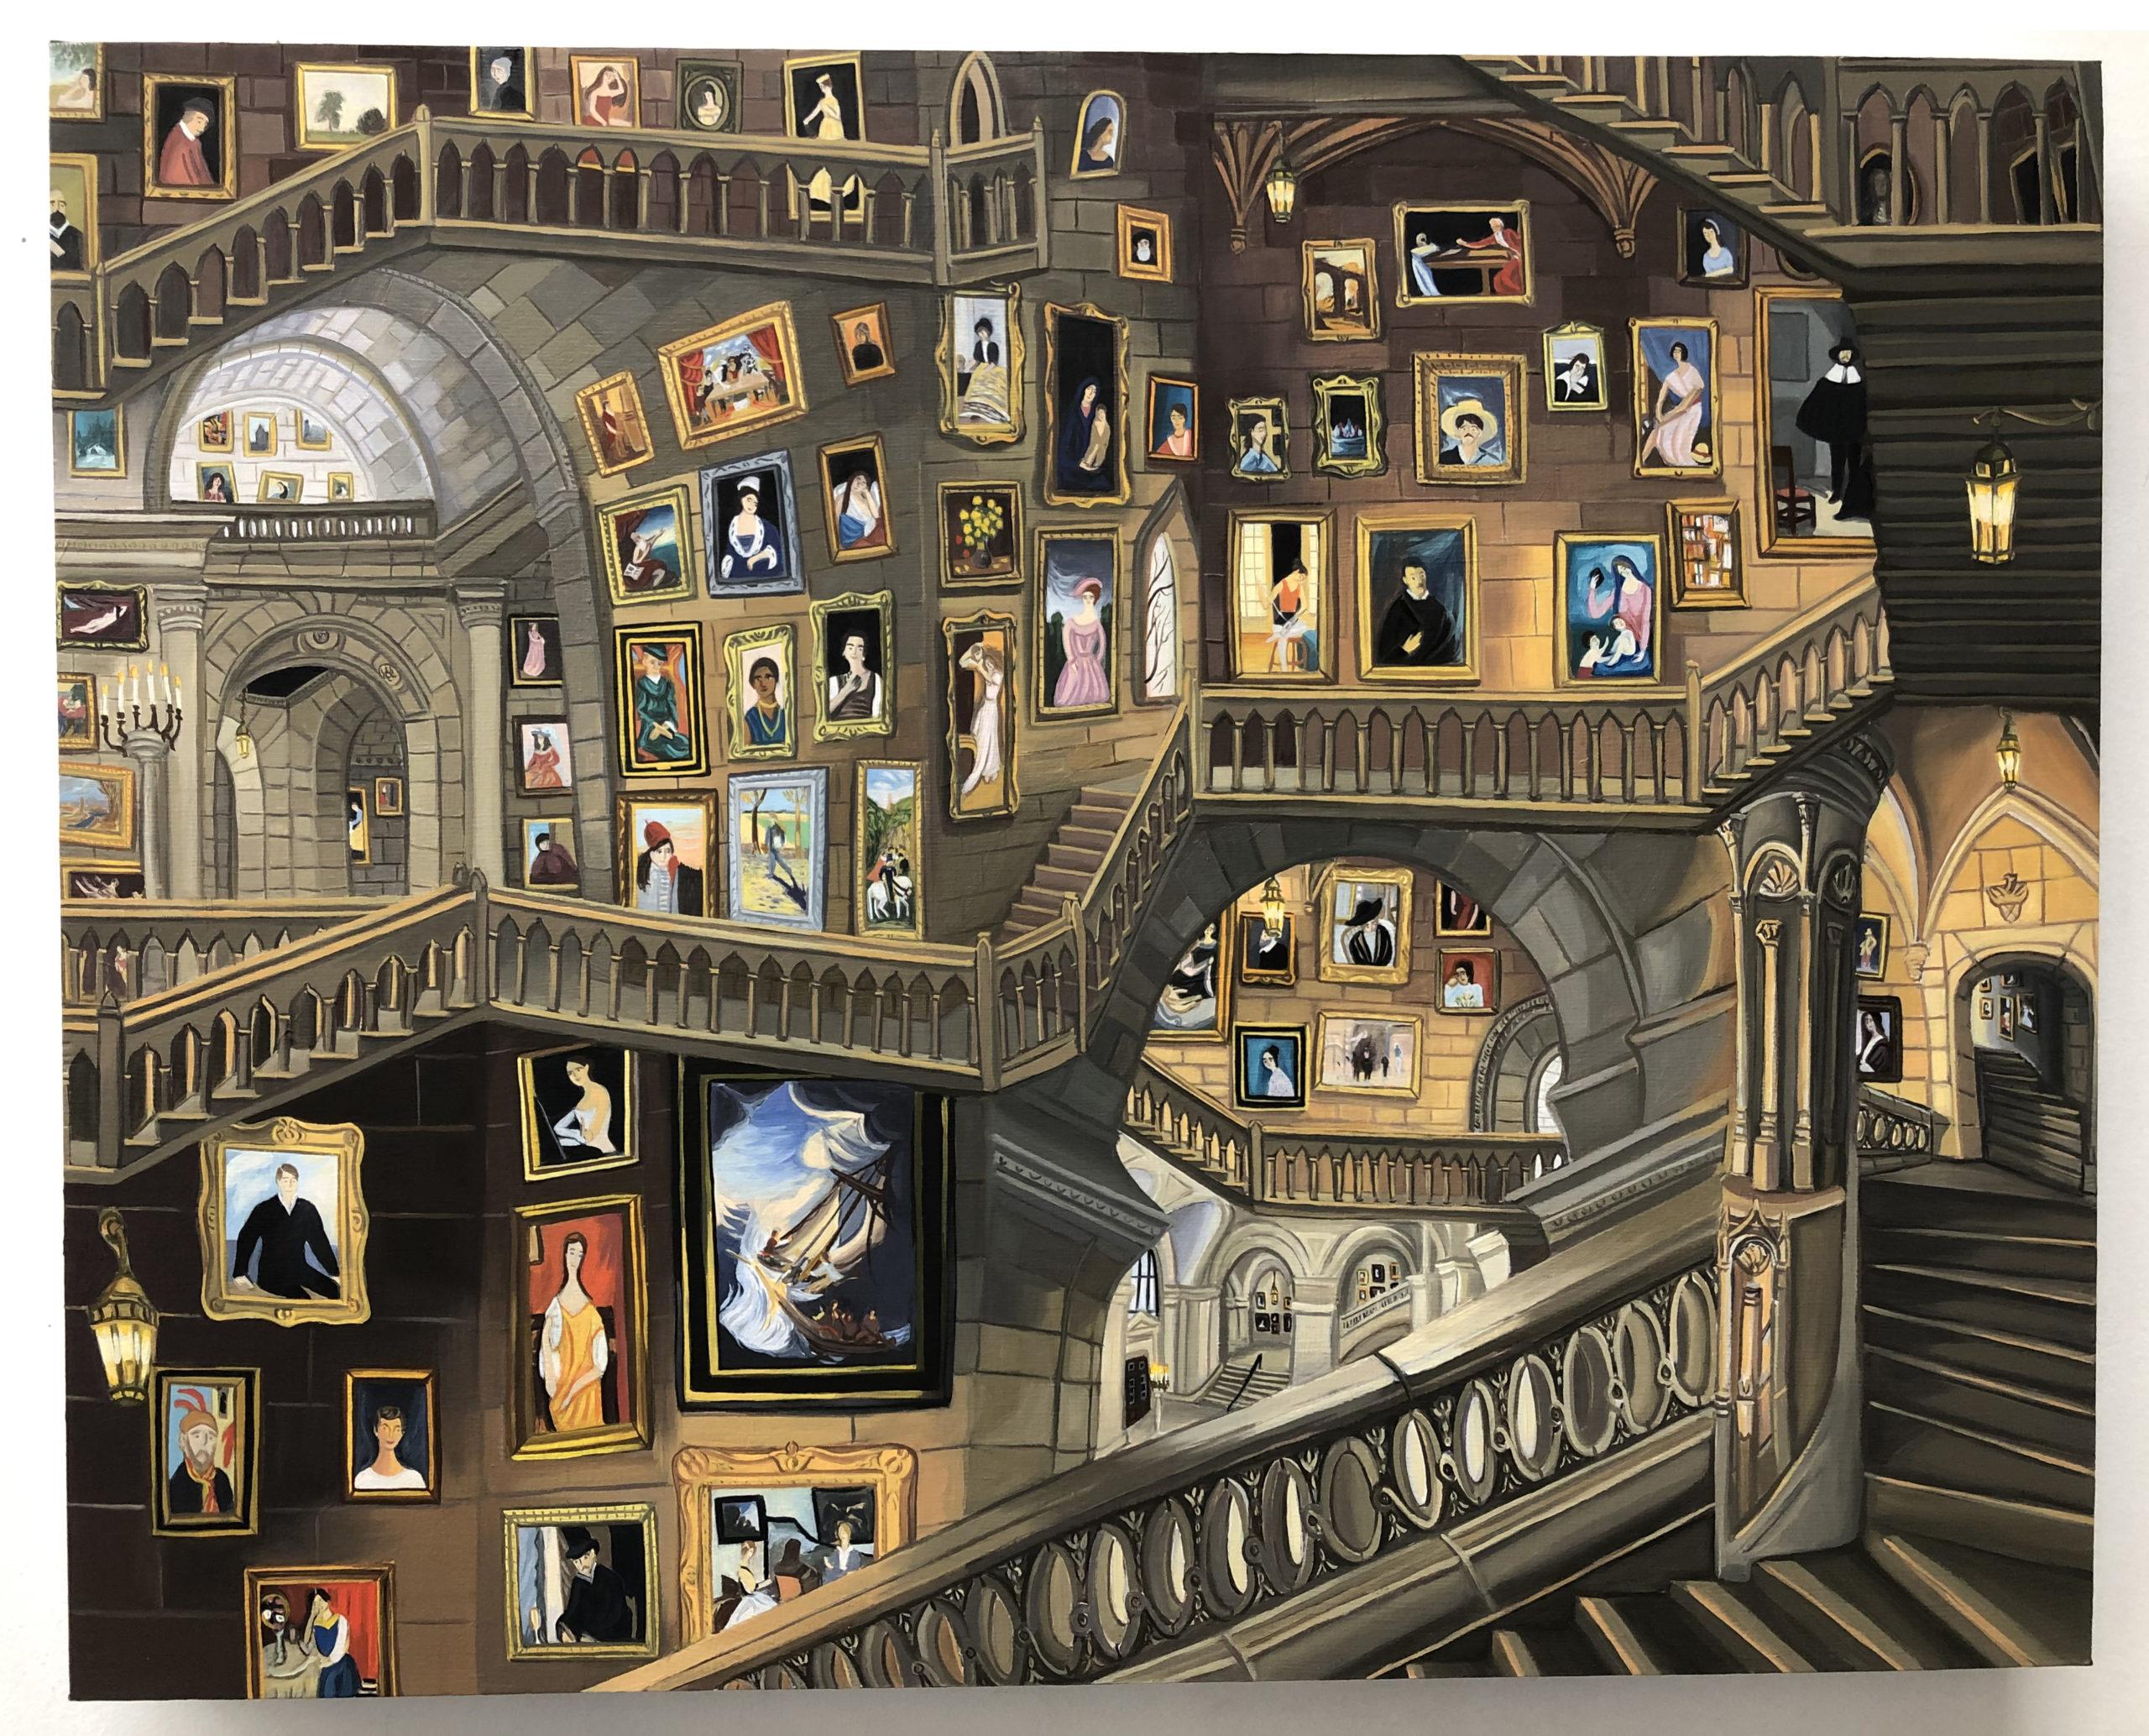 Gretchen Scherer The Missing Works, Interior, 2020